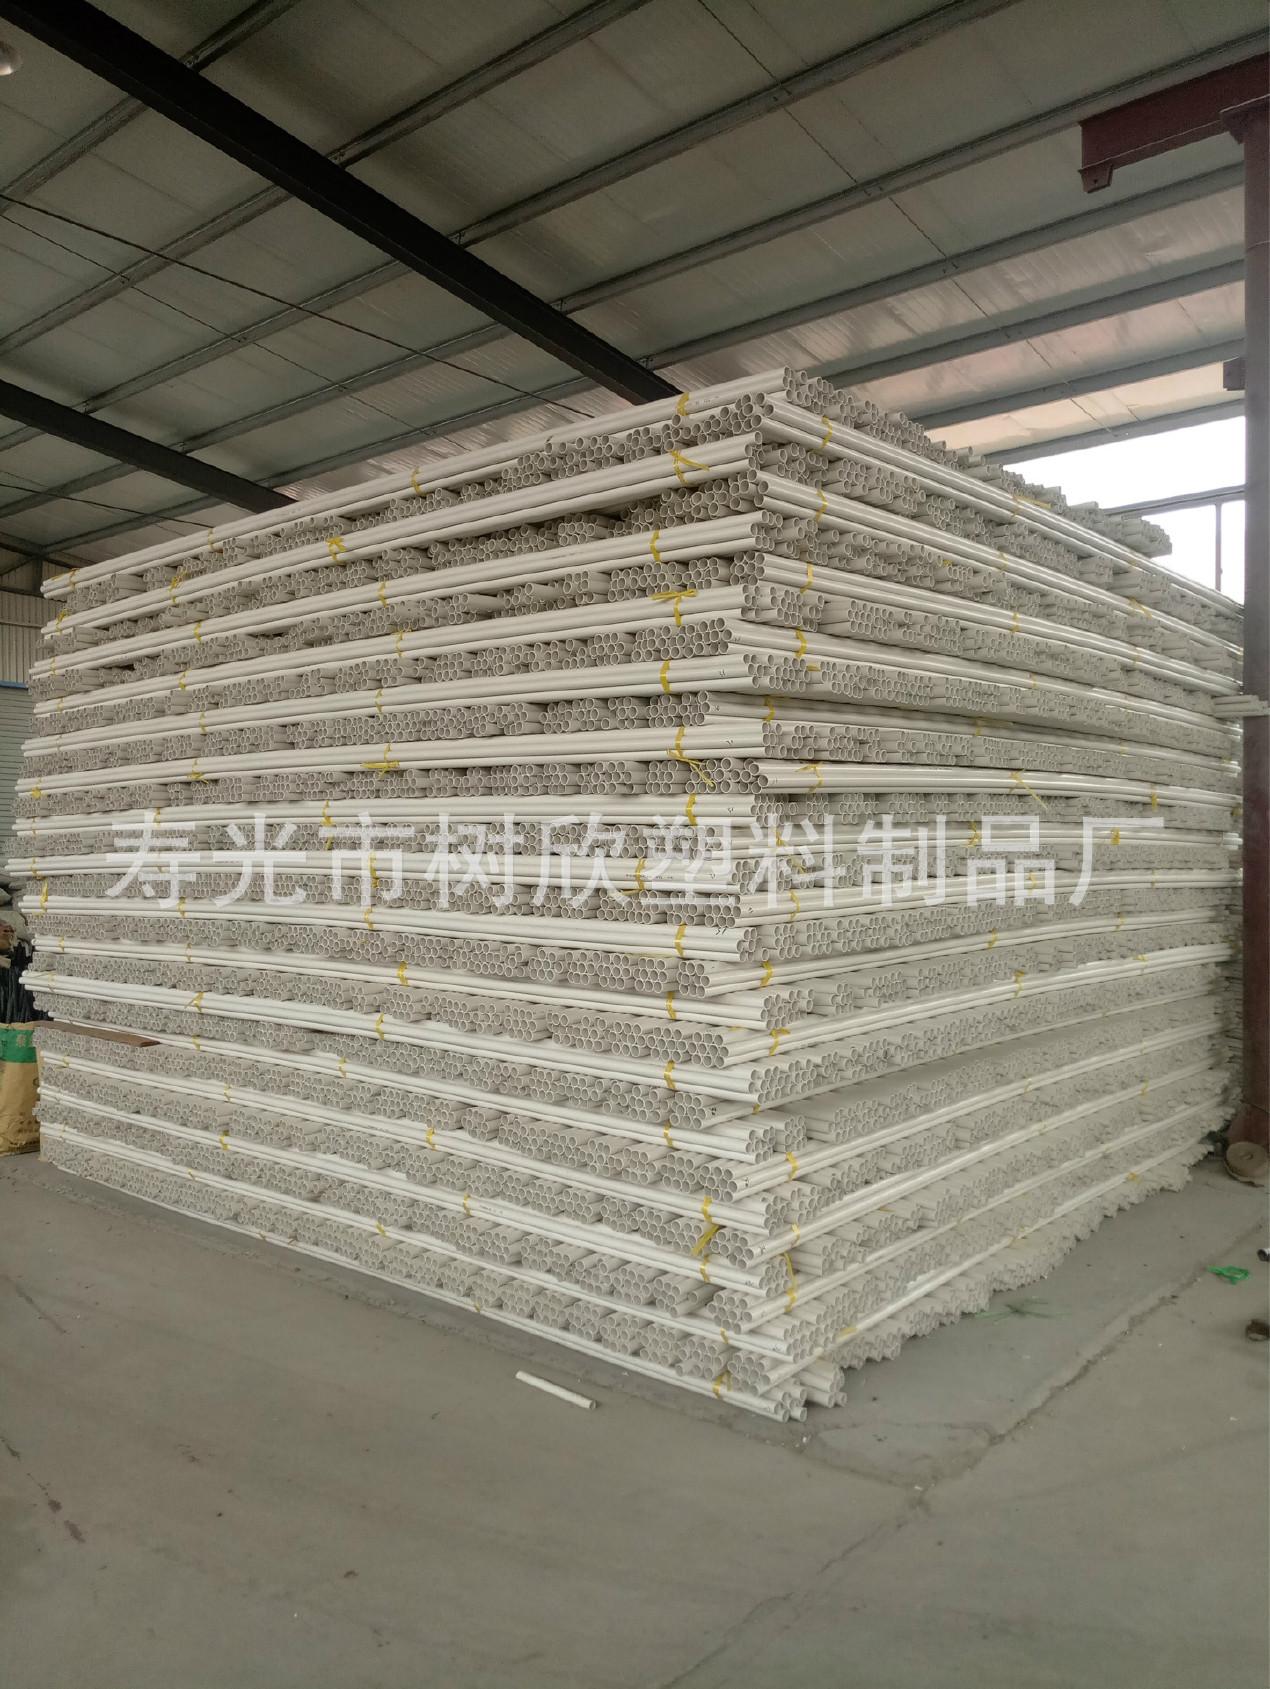 pvc电工套管 pvc阻燃建筑用绝缘电工套管 PVC电线管穿线管批发示例图47